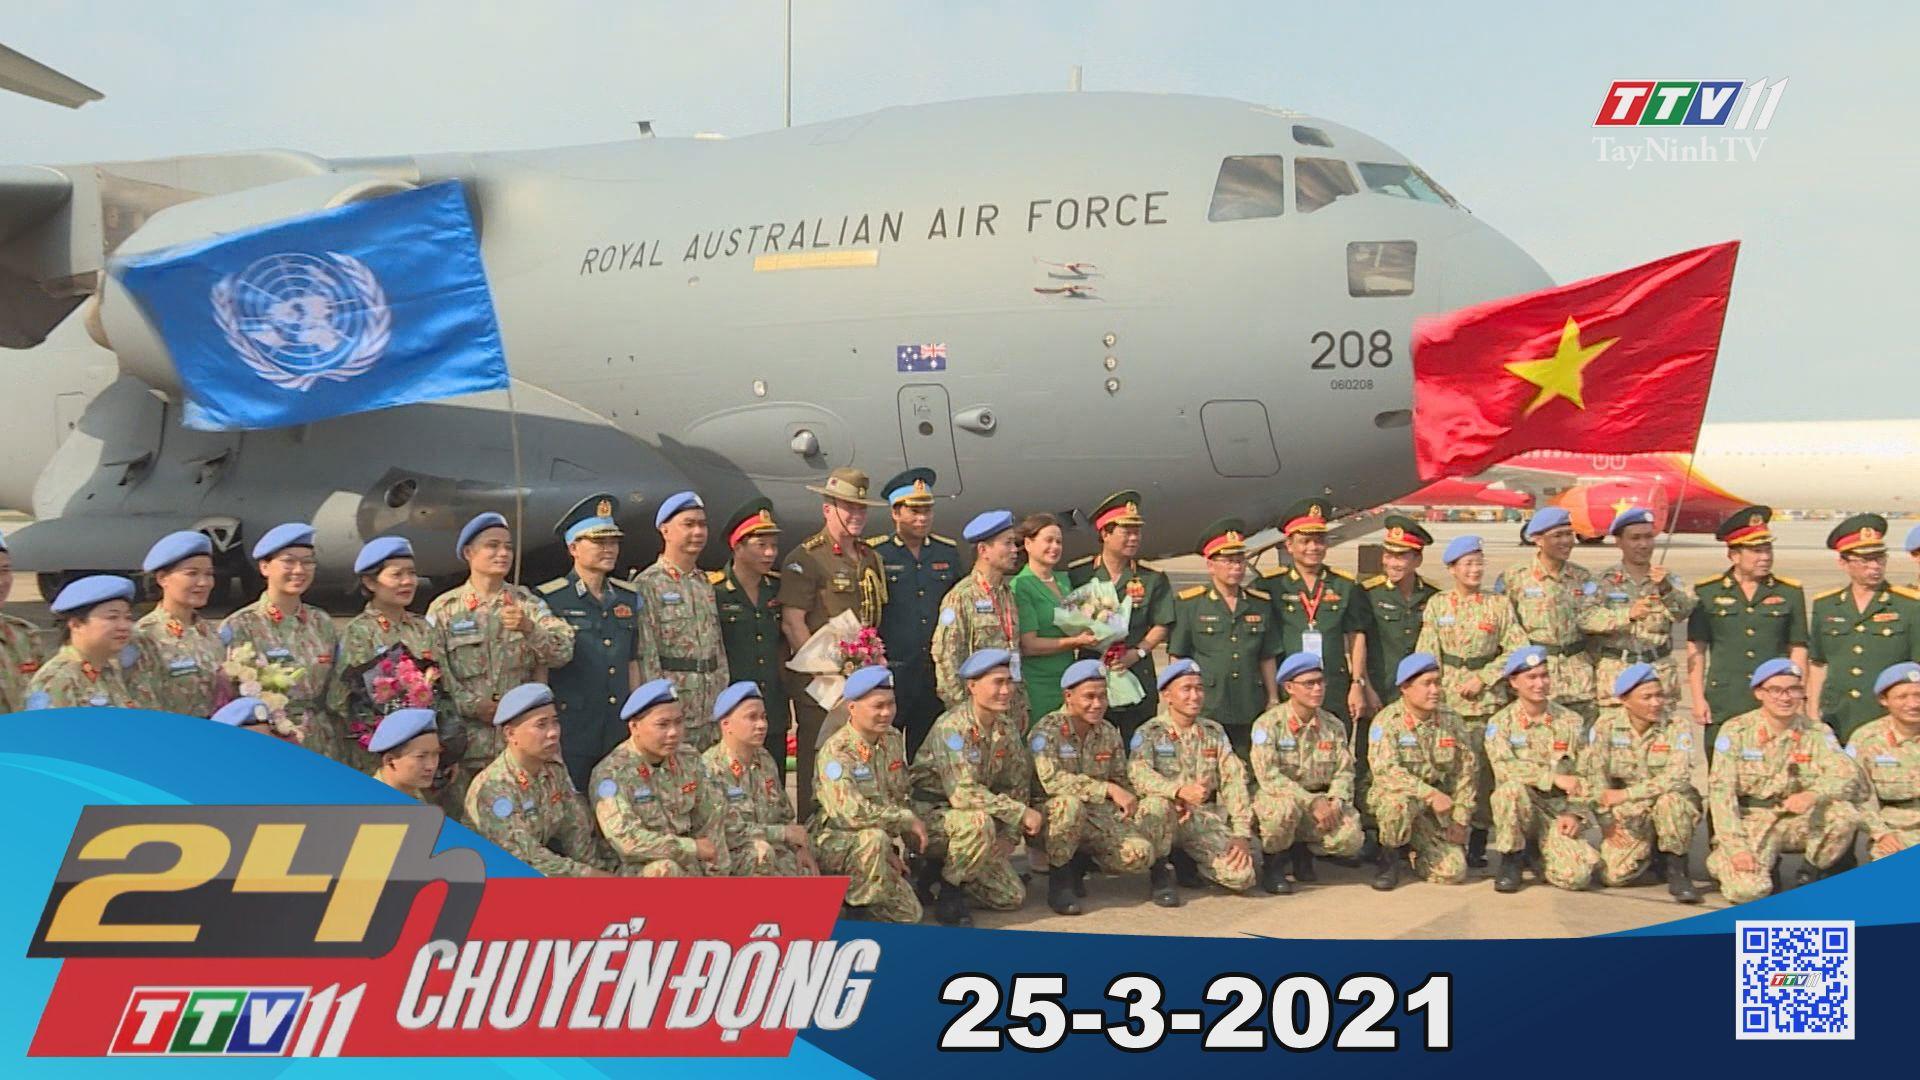 24h Chuyển động 25-3-2021 | Tin tức hôm nay | TayNinhTV